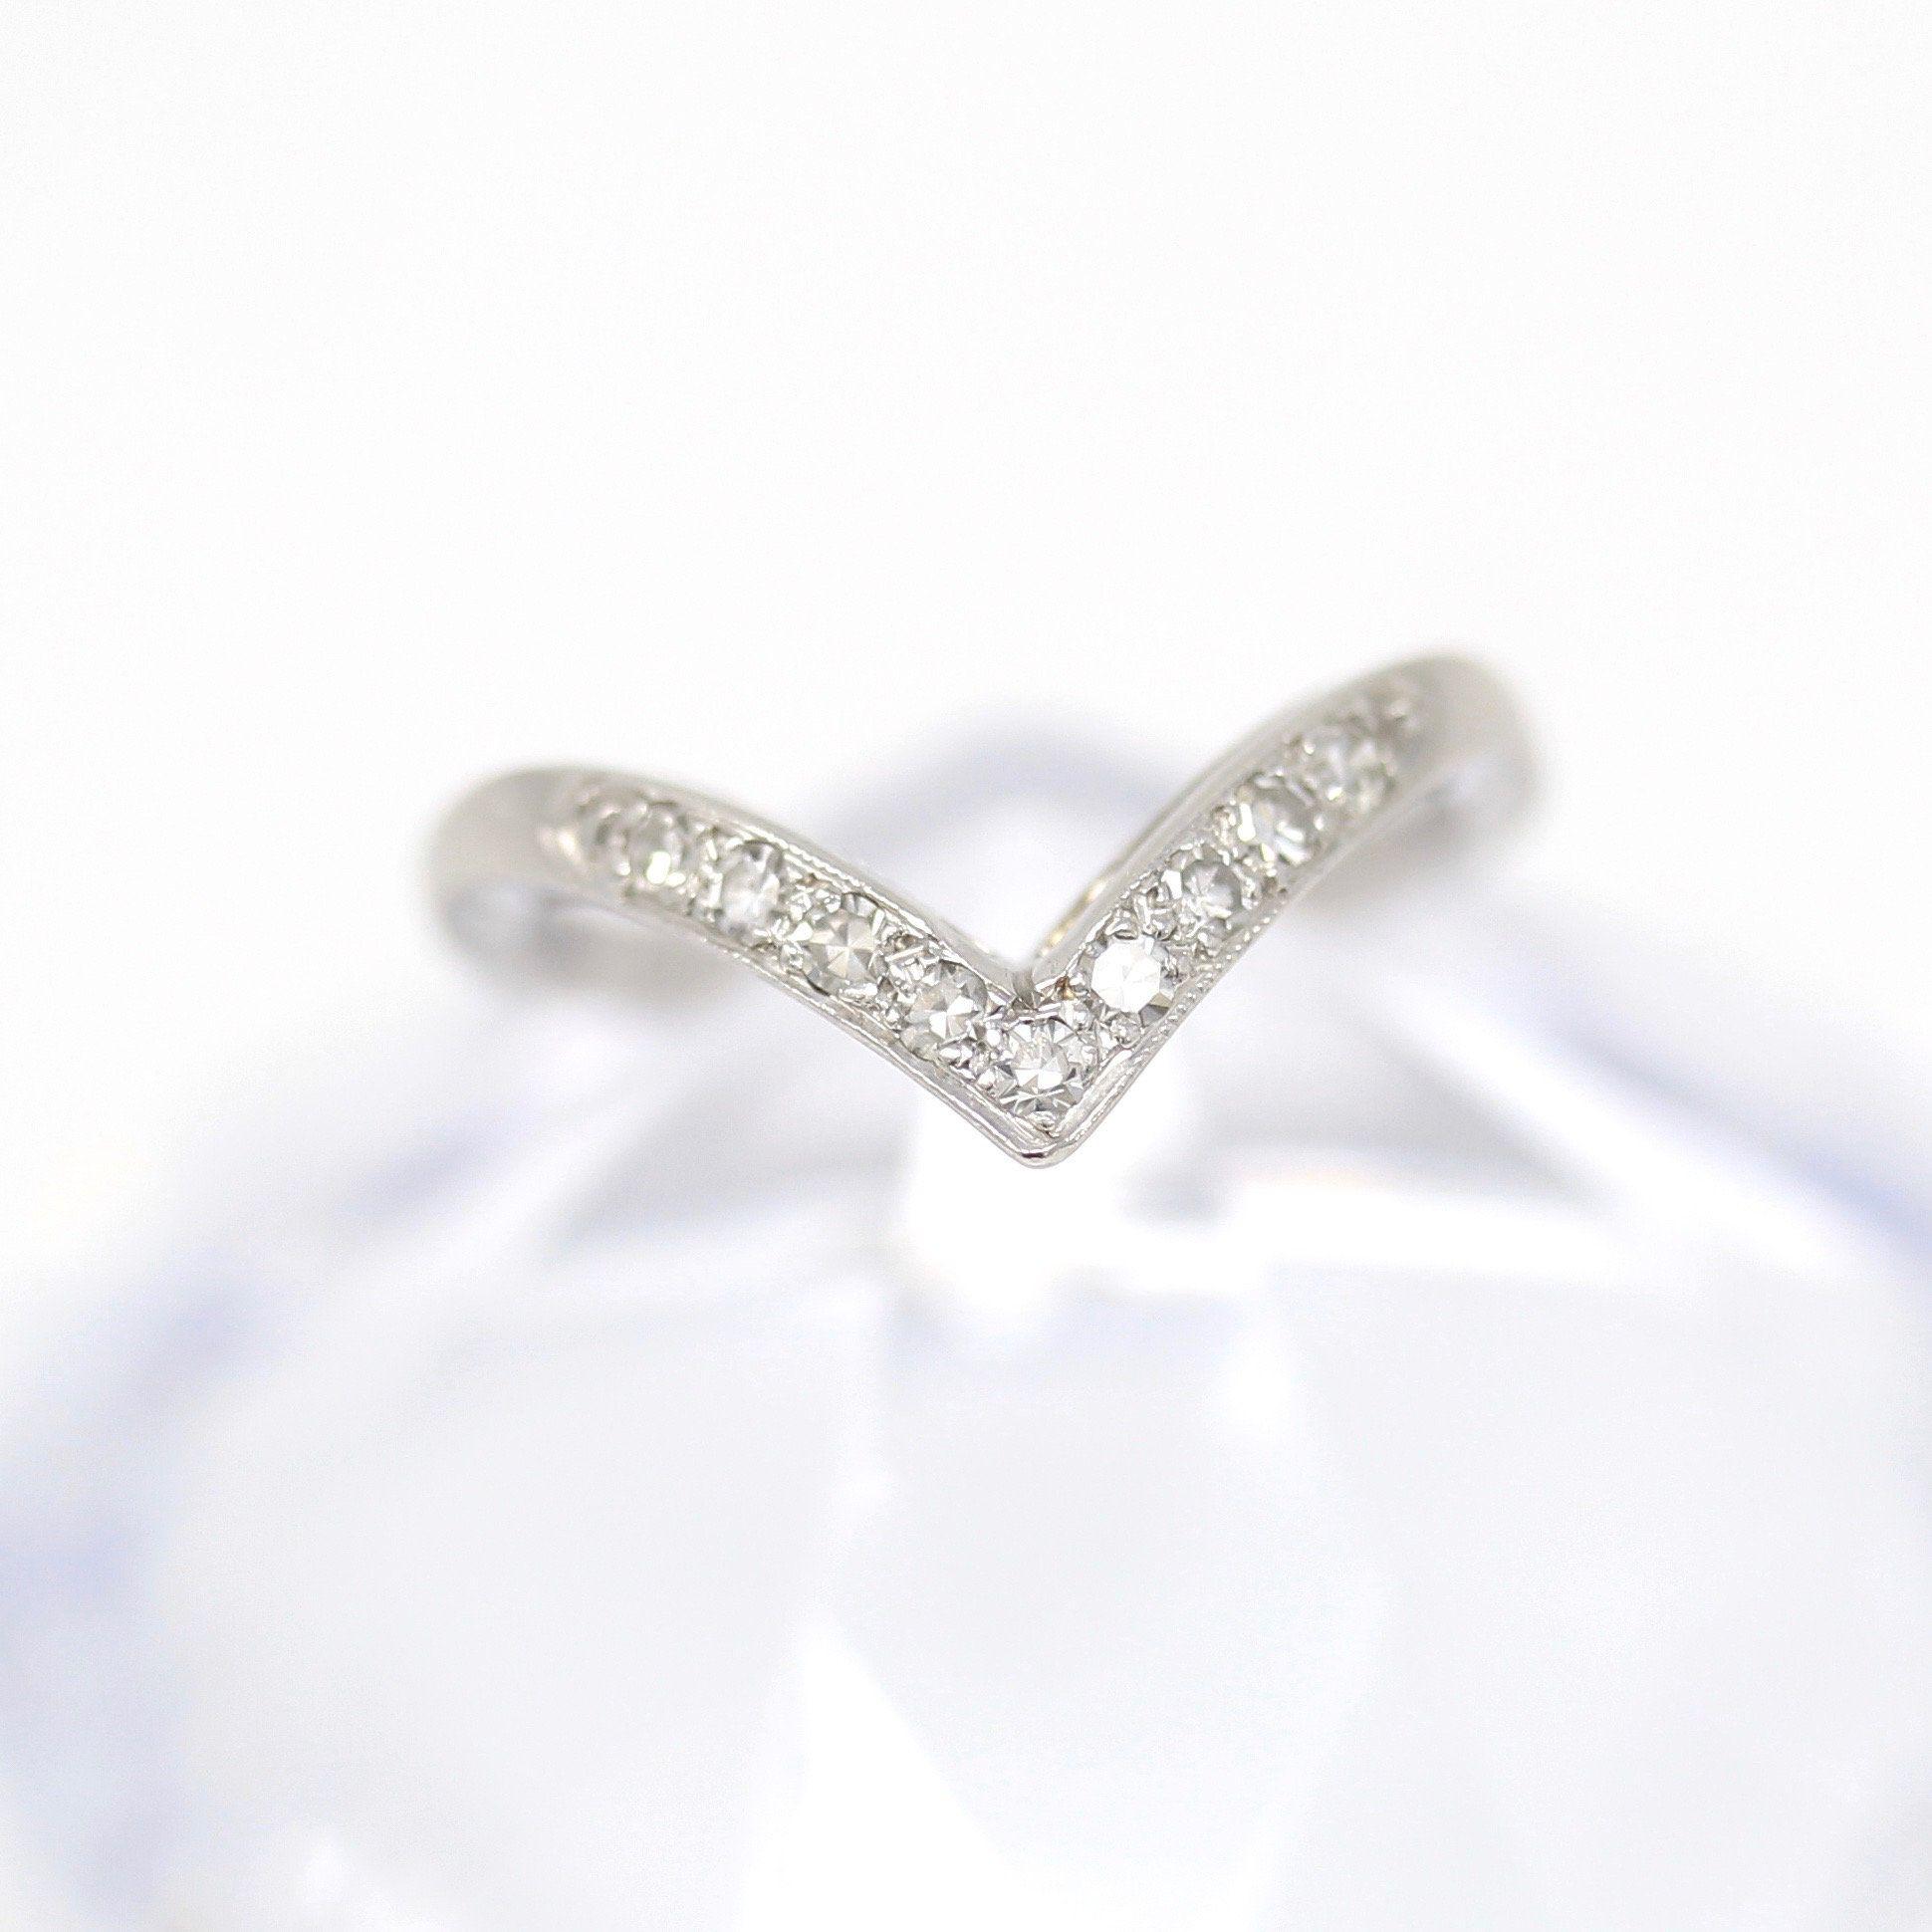 Curved Diamond Band Platinum V Style Wedding Ring Size 5